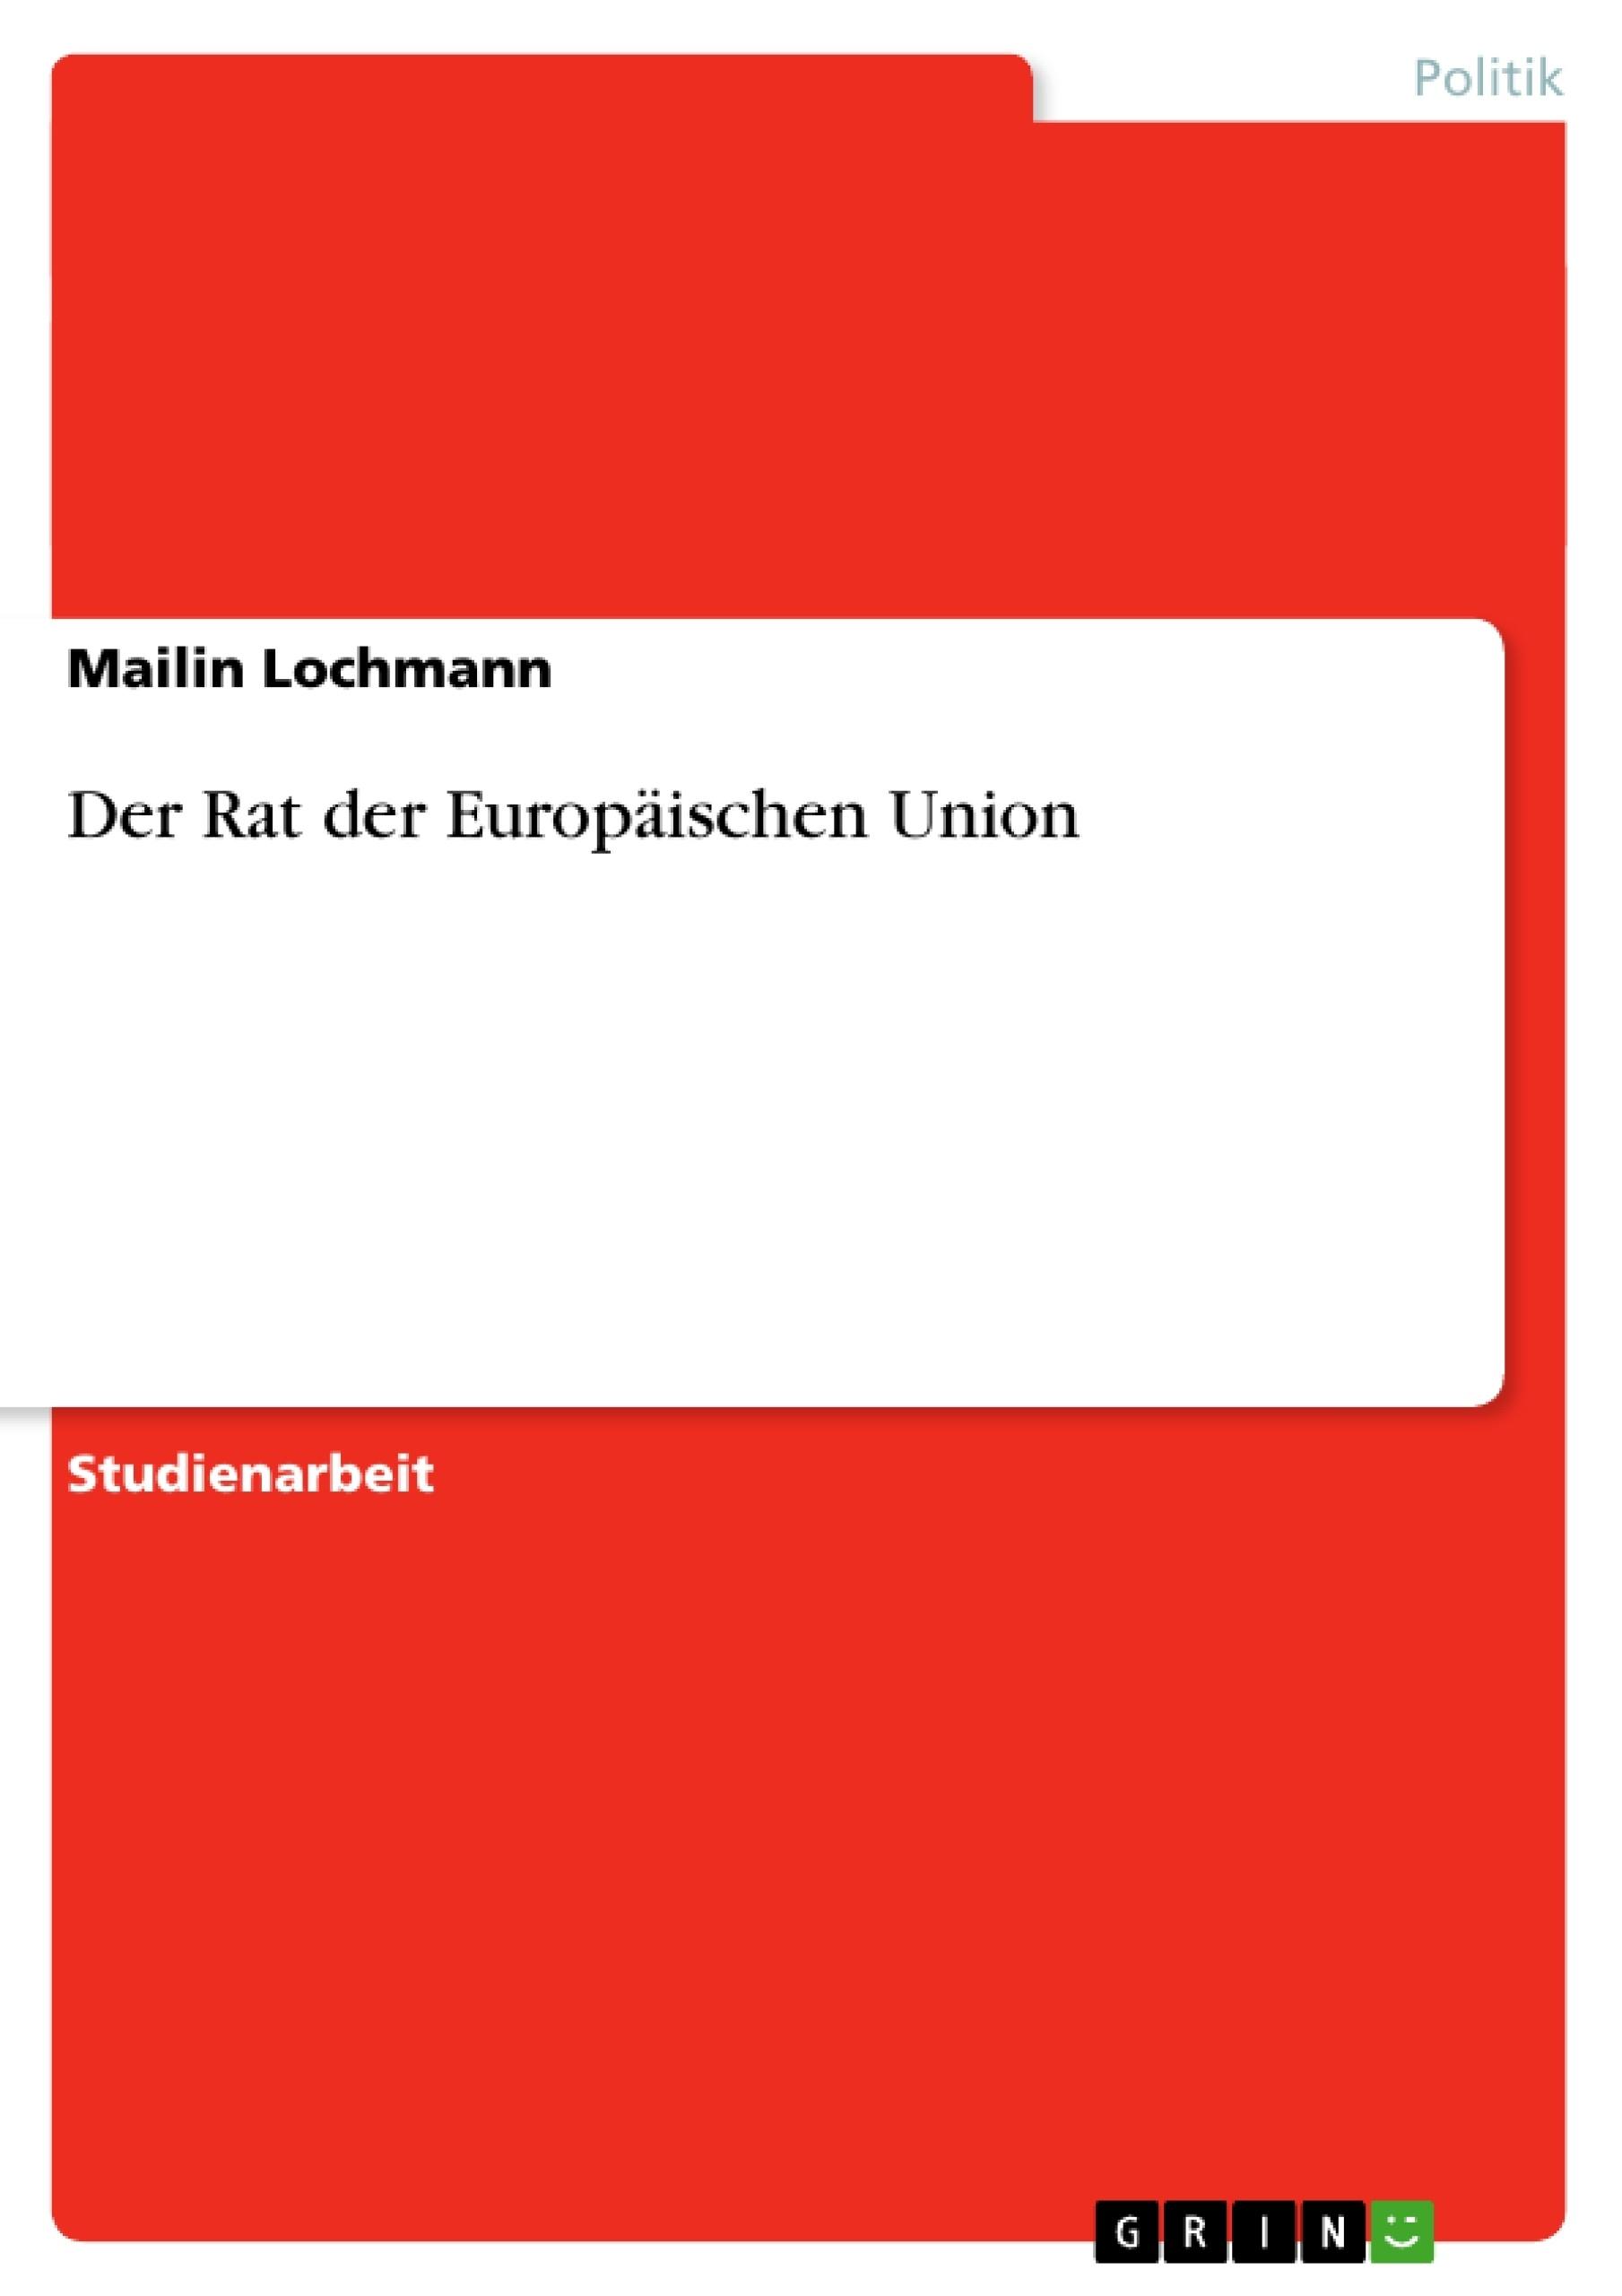 Titel: Der Rat der Europäischen Union